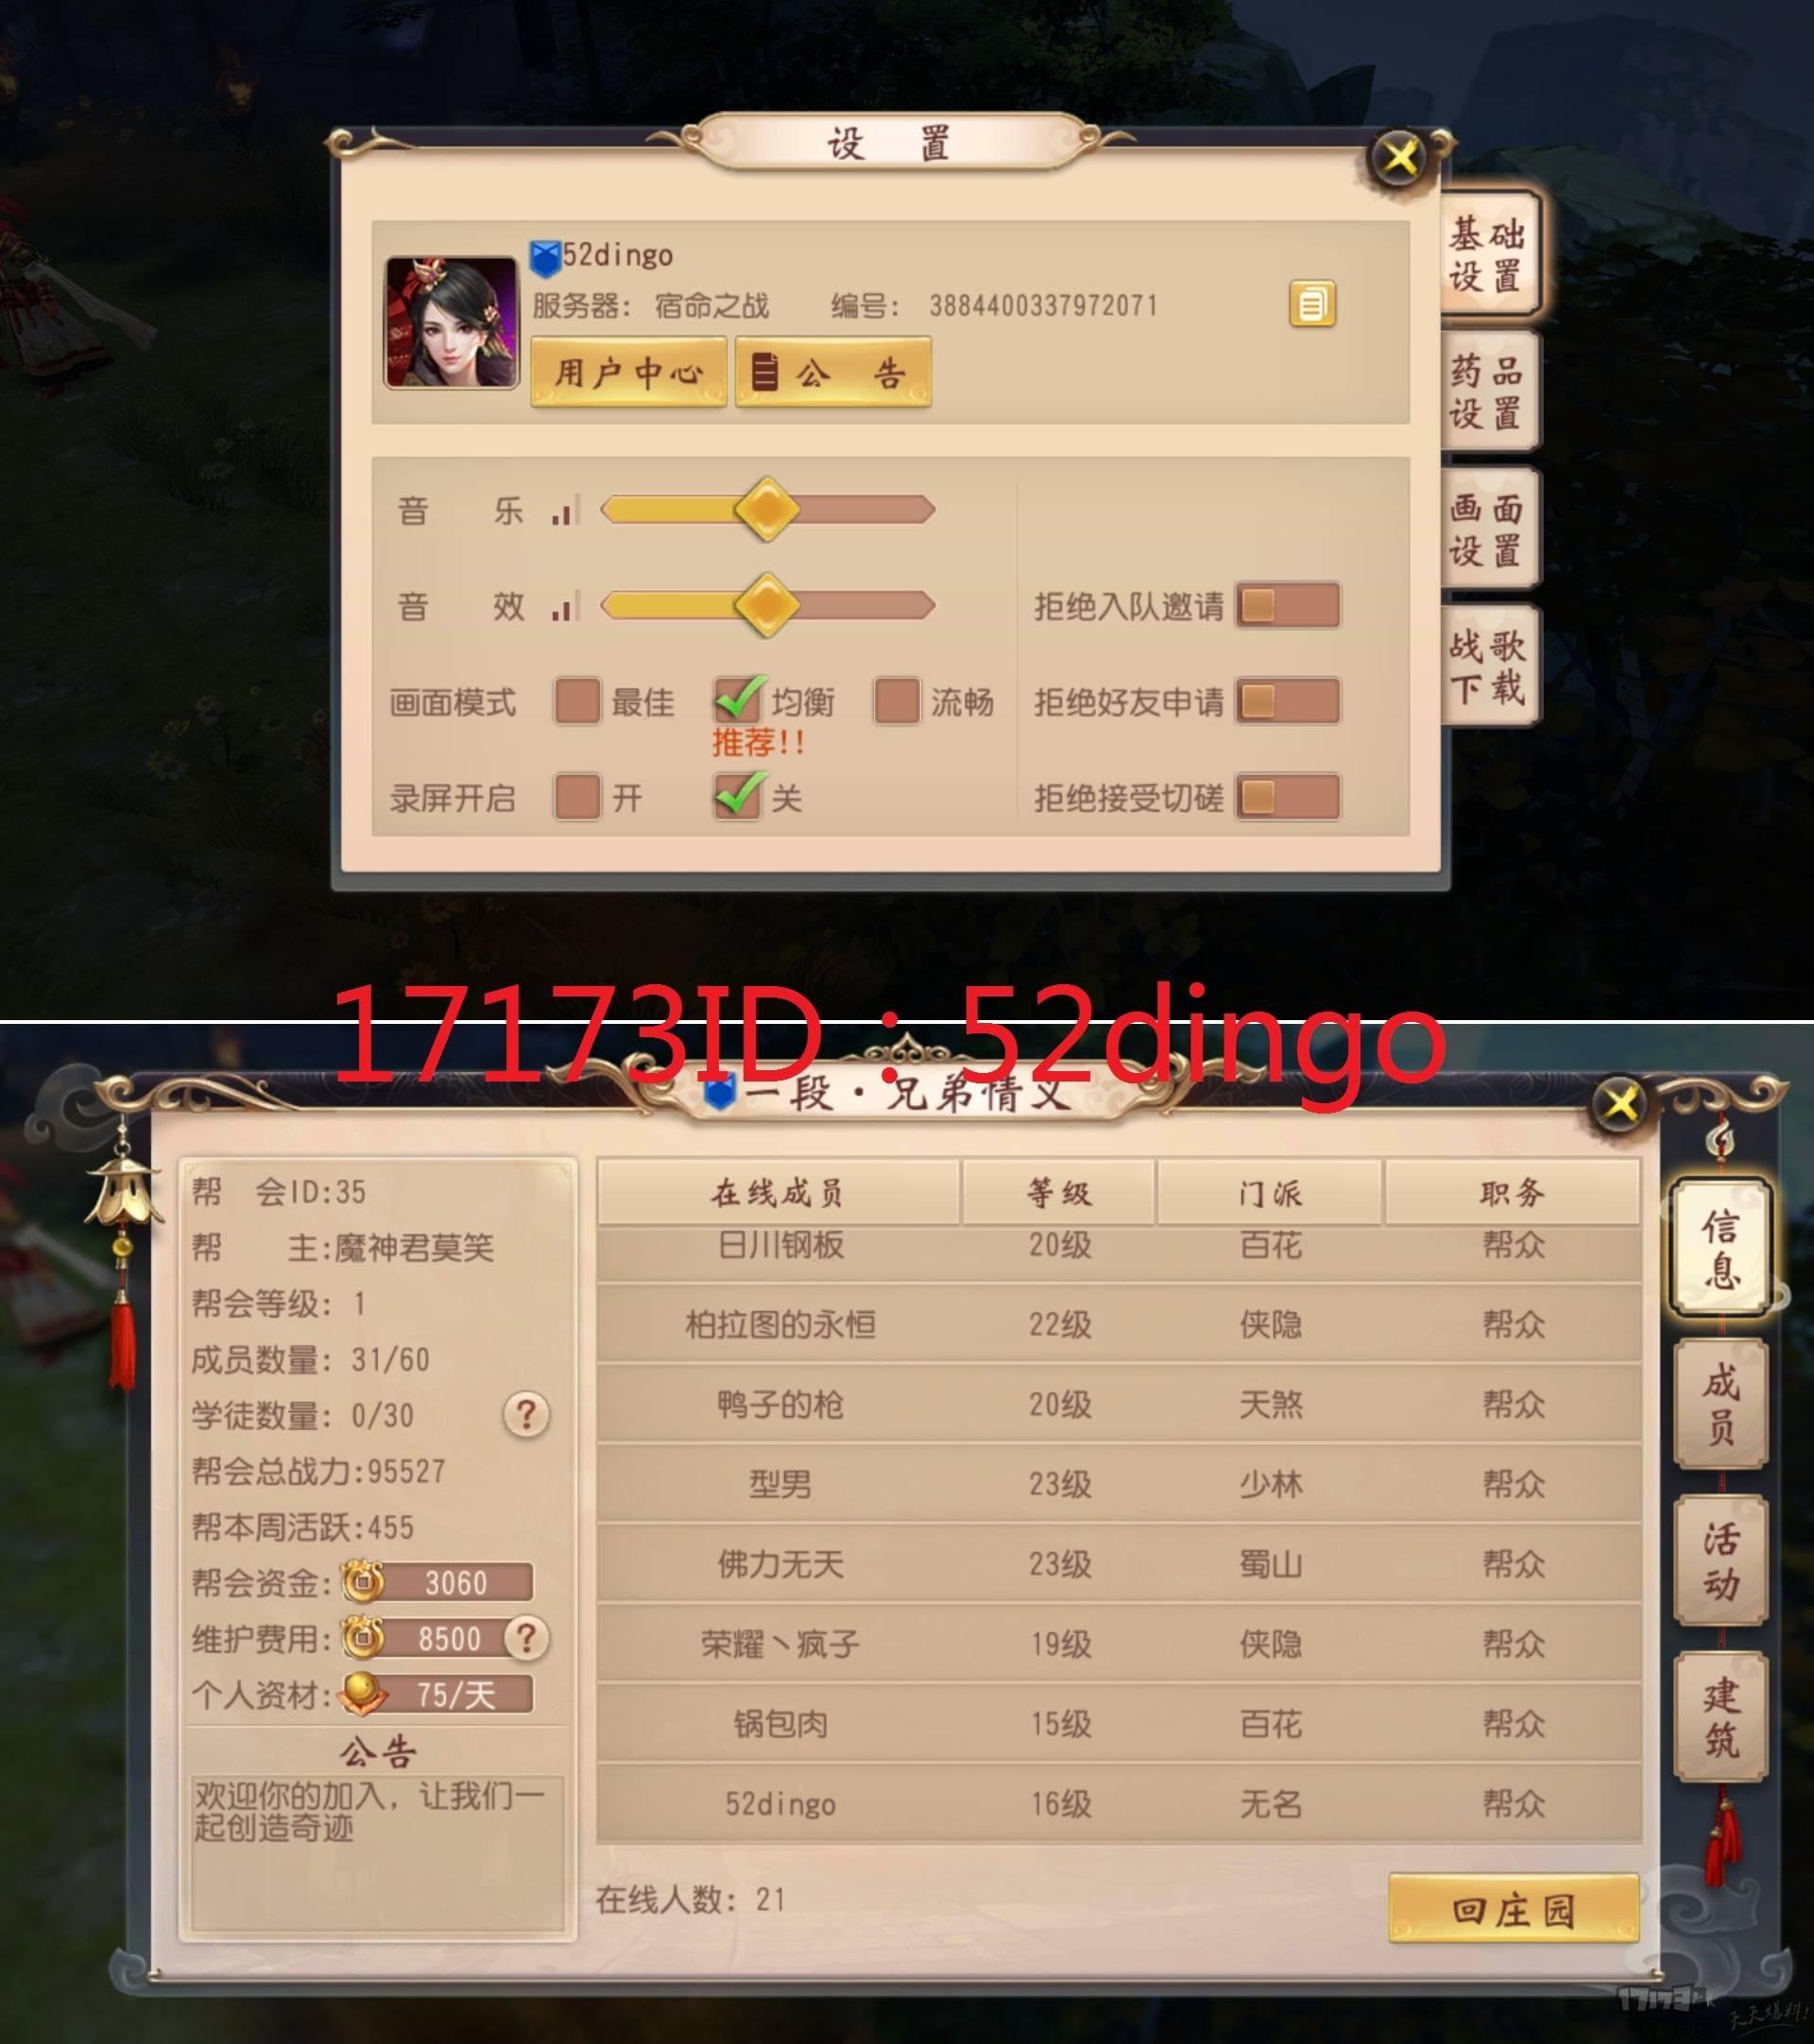 大唐无双.jpg